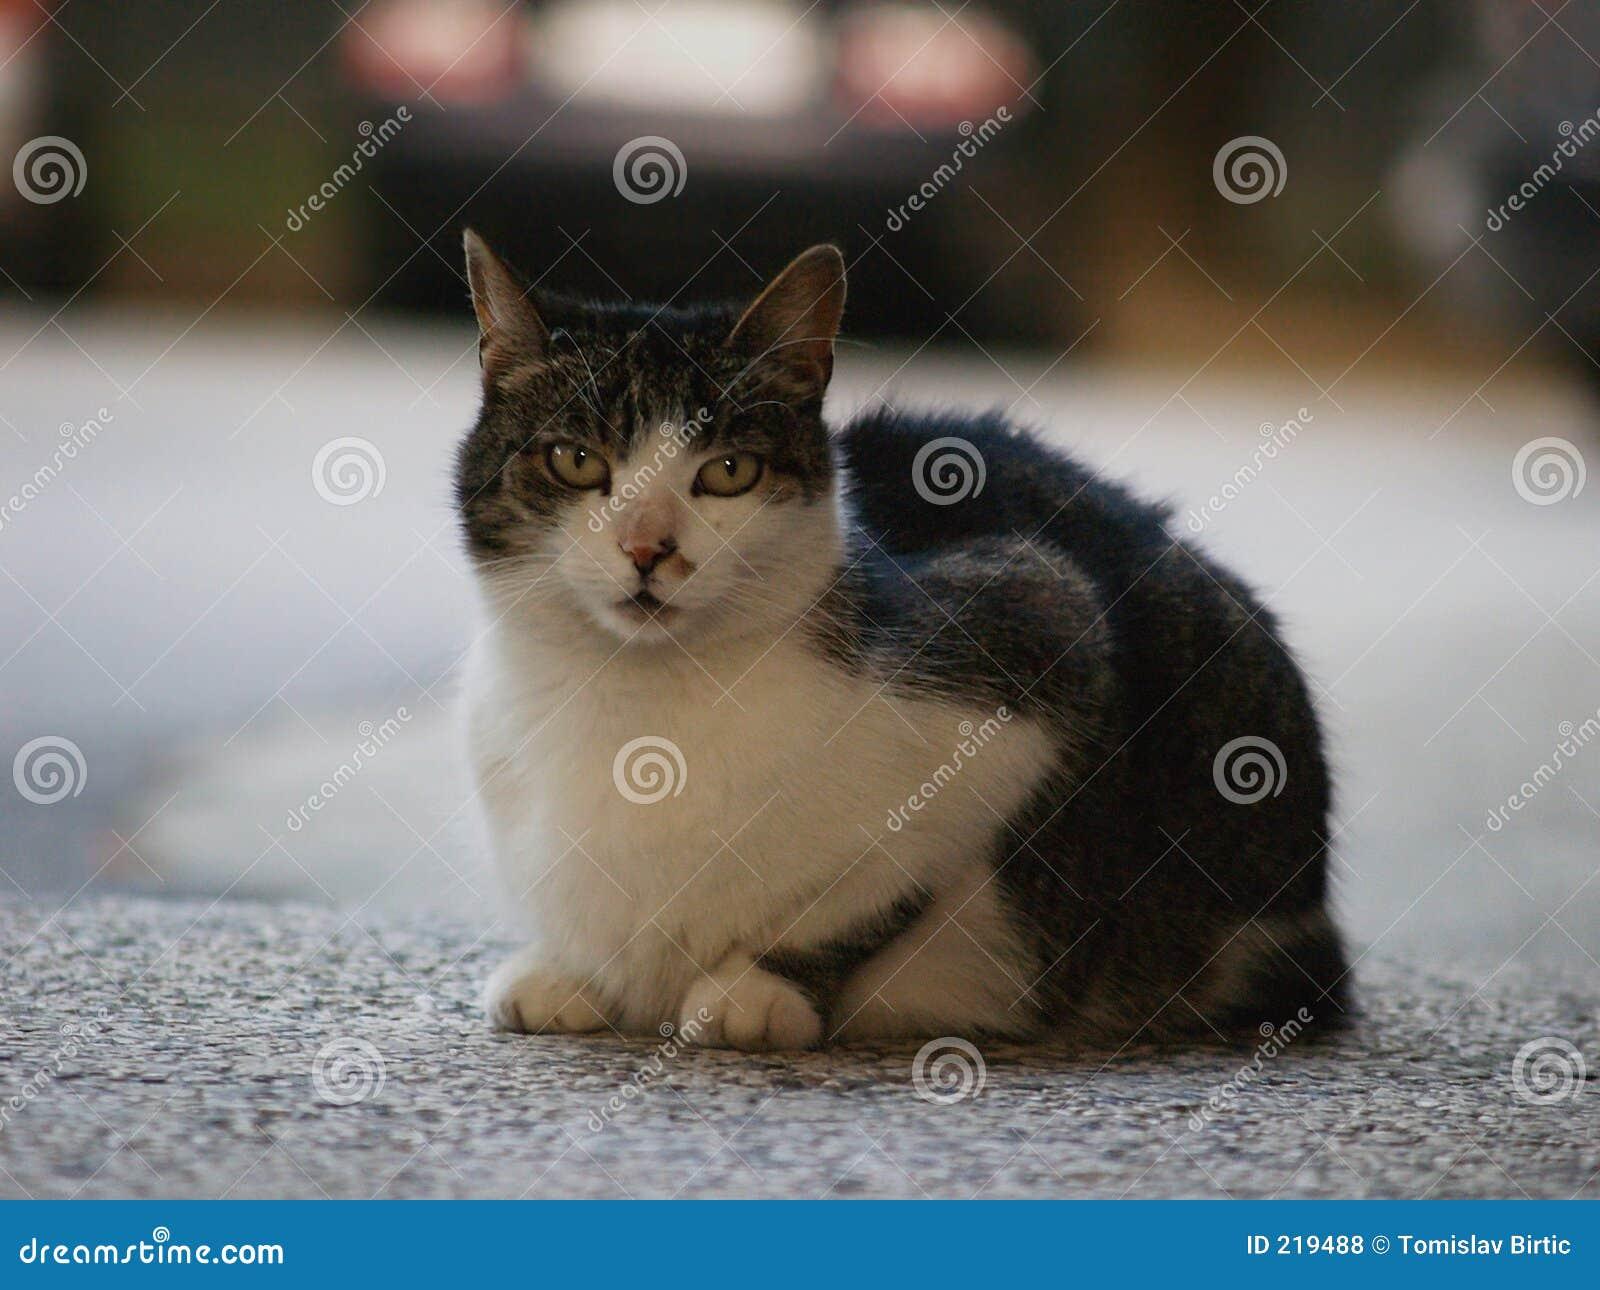 Następne drzwi kota